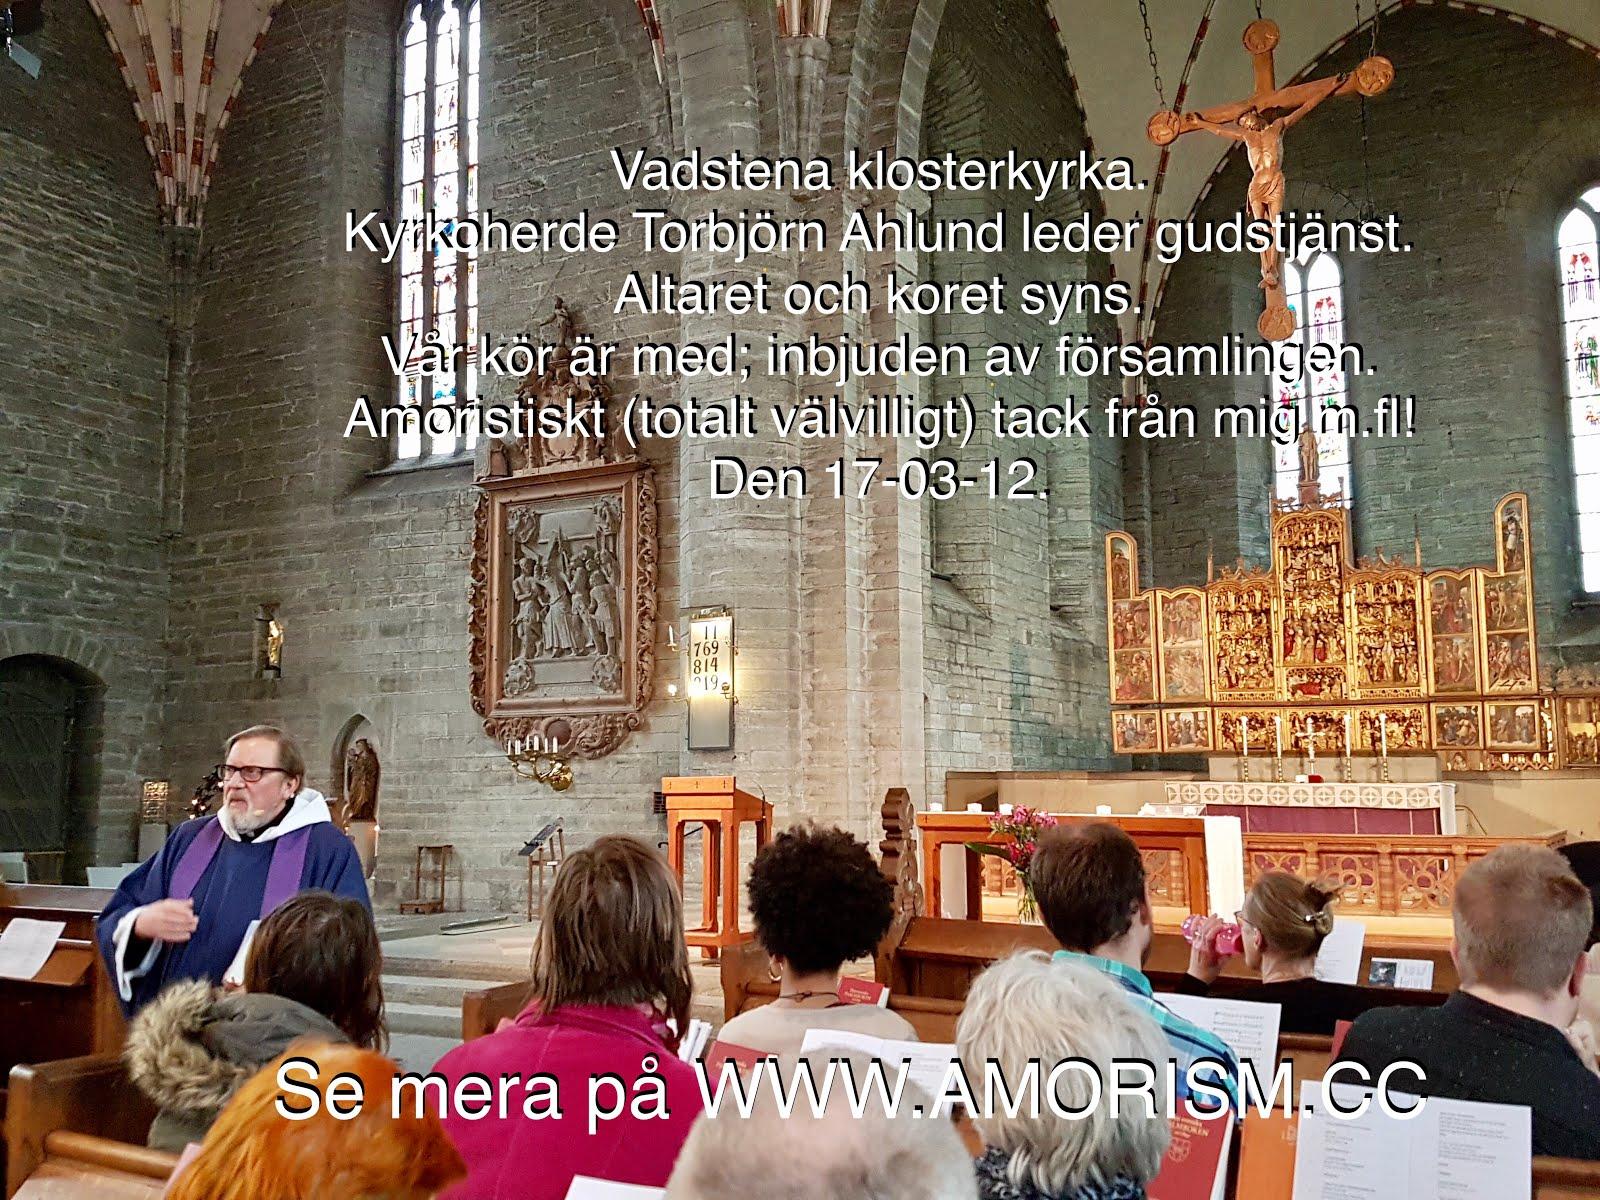 Bild på Gatans röster Gudstjänst i Vadstena klosterkyrka jpg